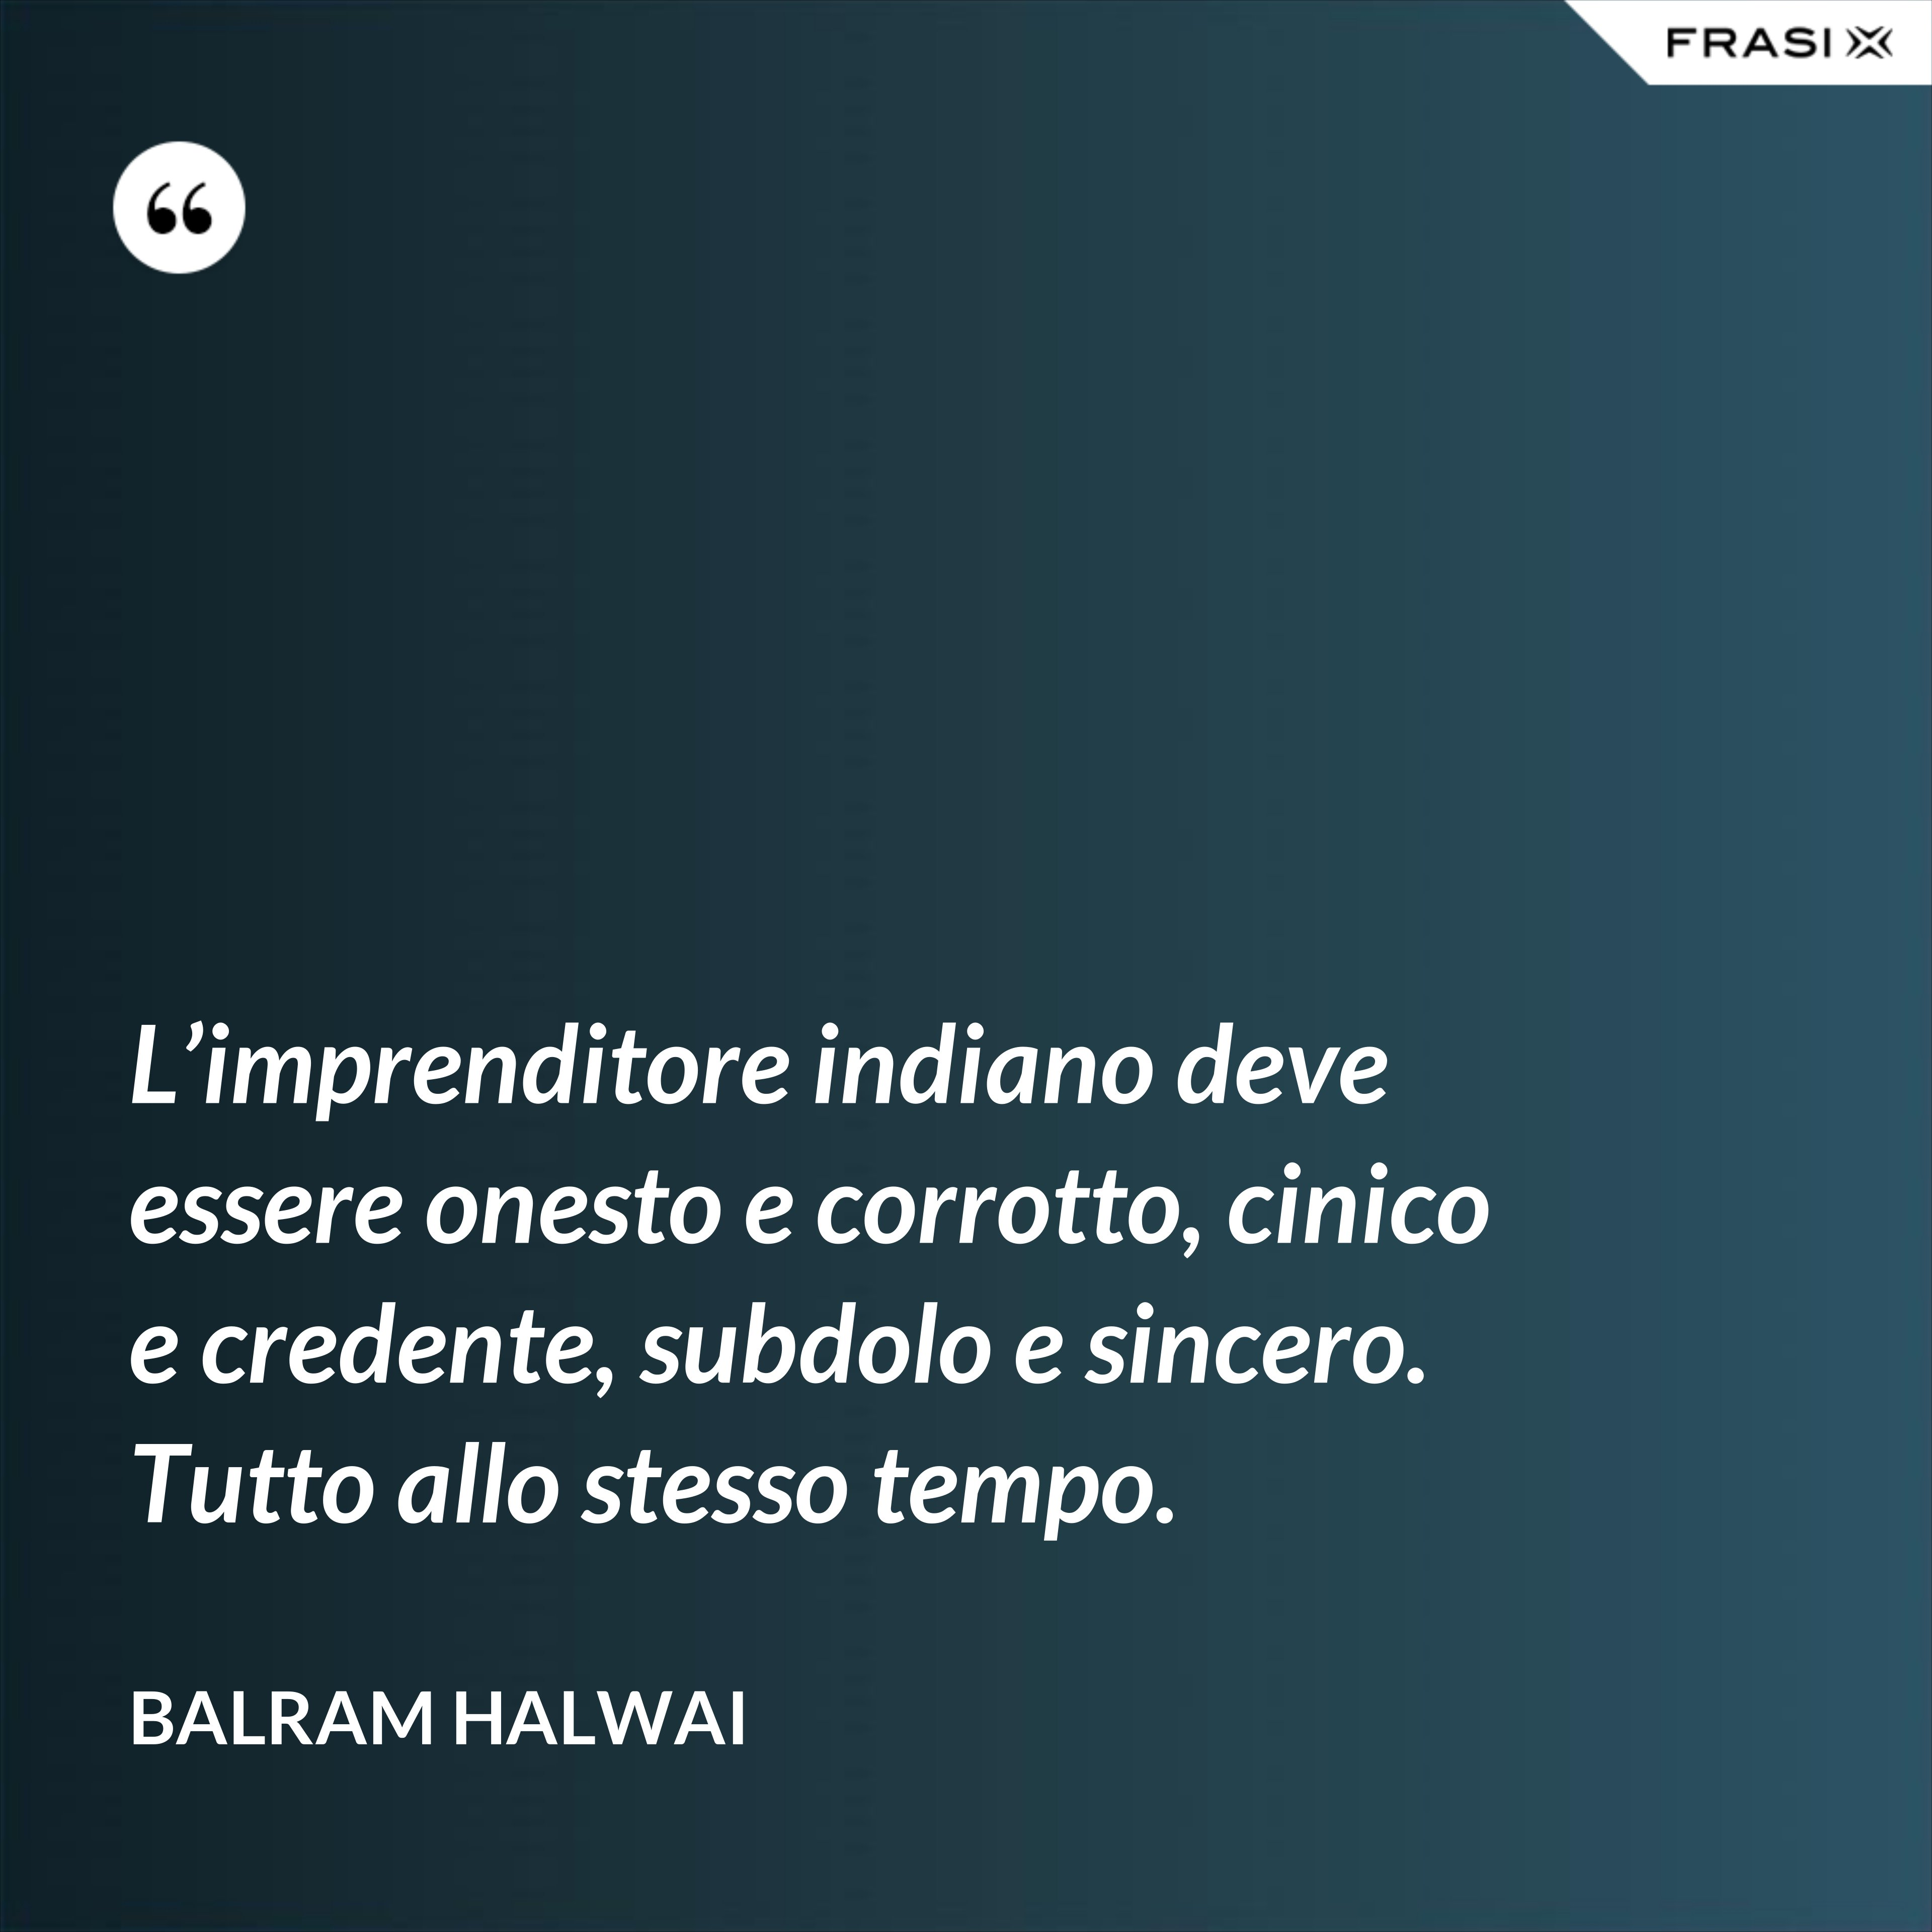 L'imprenditore indiano deve essere onesto e corrotto, cinico e credente, subdolo e sincero. Tutto allo stesso tempo. - Balram Halwai